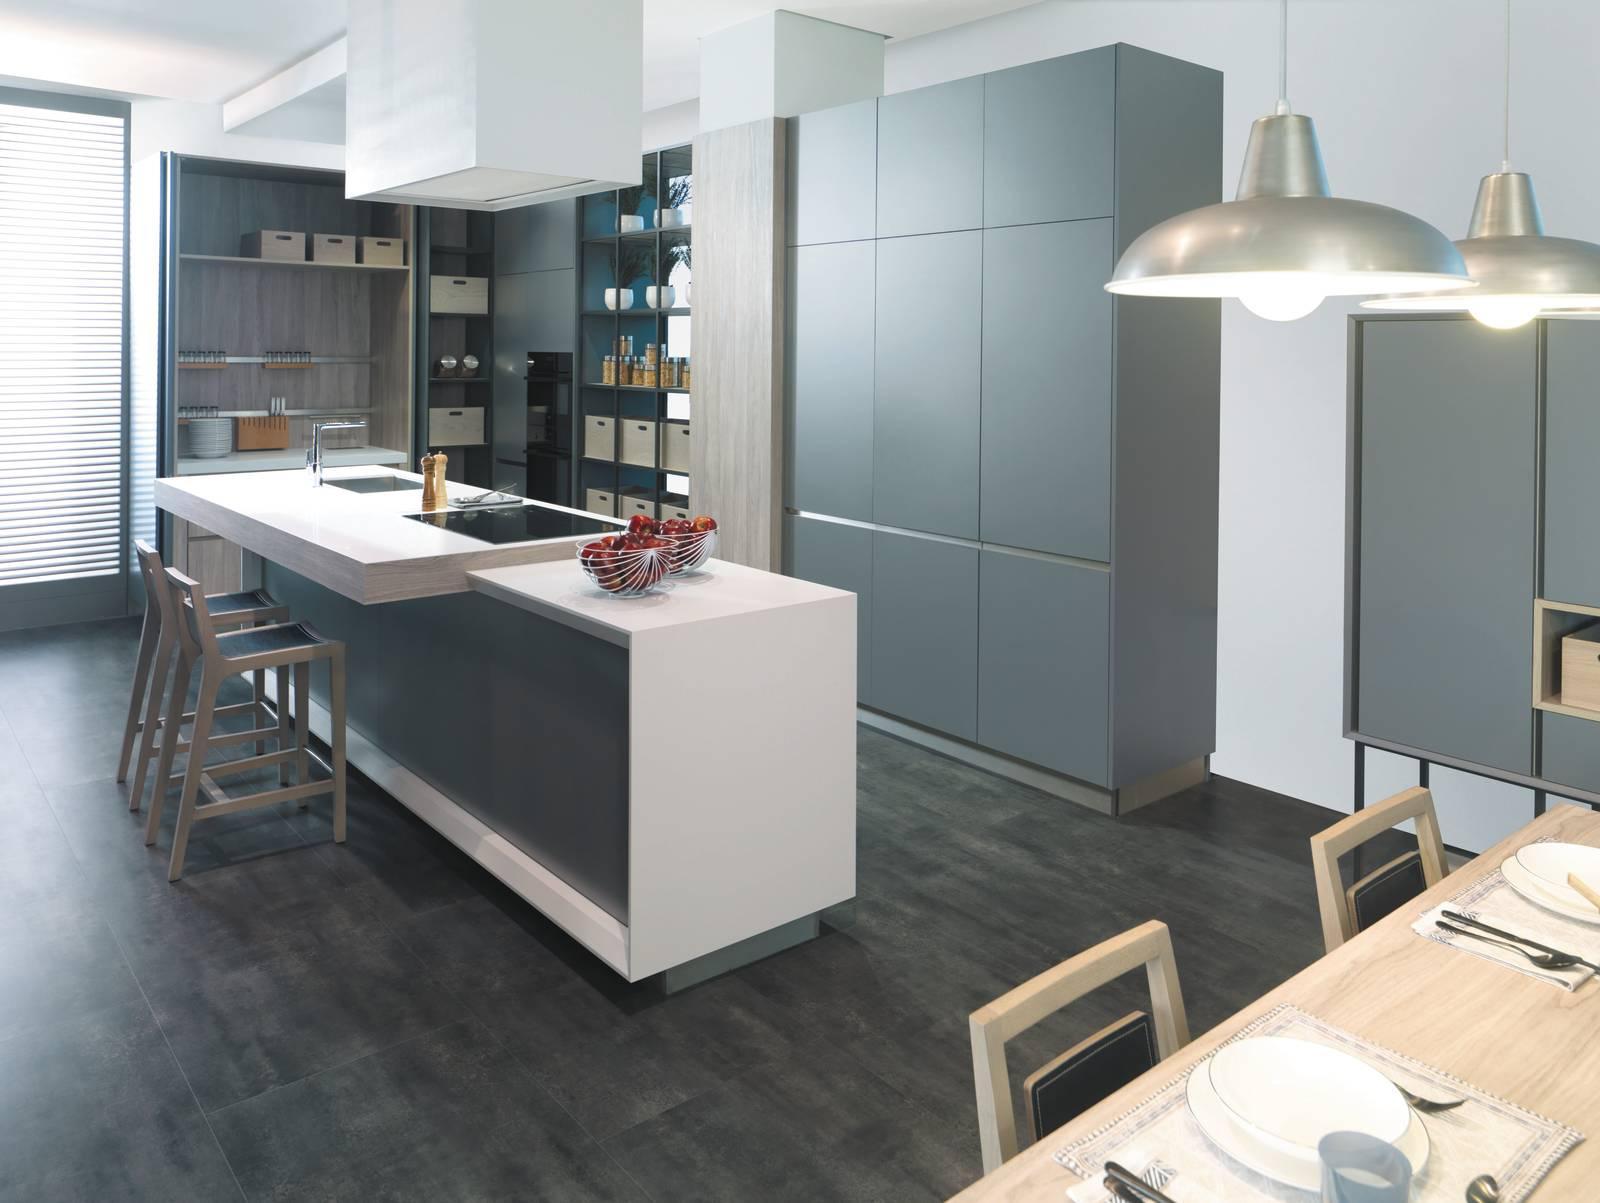 Cucine grigie, anche in versione classica - Cose di Casa